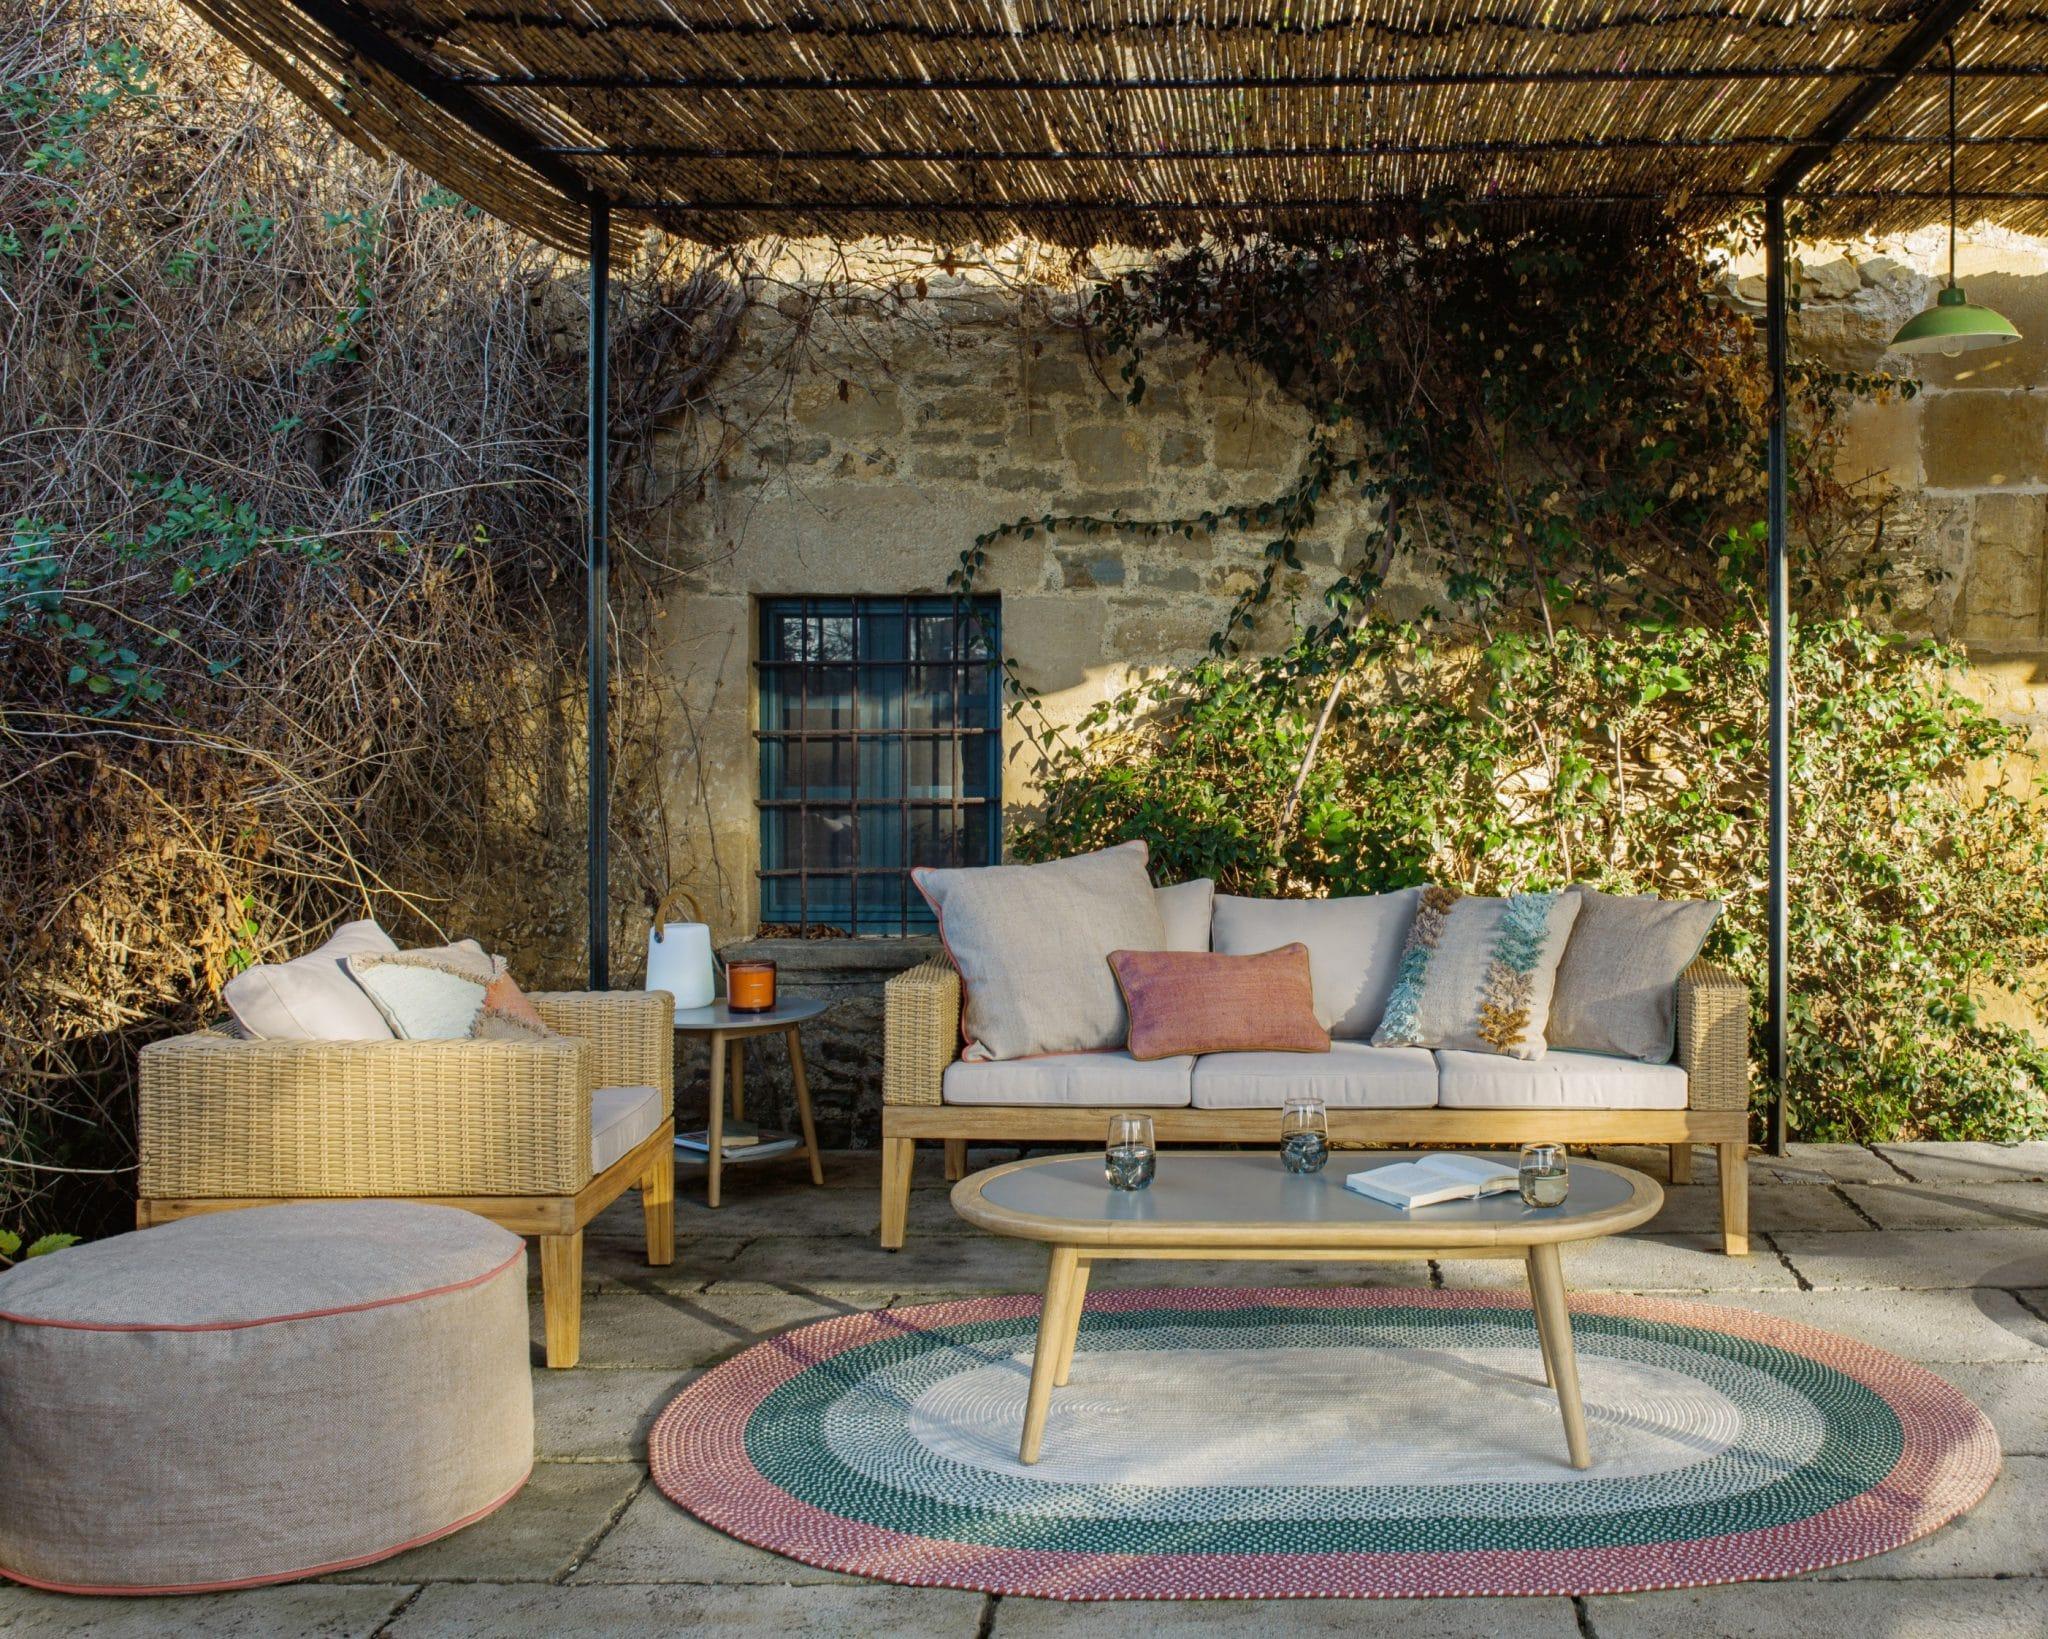 kave home collection weekend in provence maison décoration jardin extérieur terrasses balcon soleil